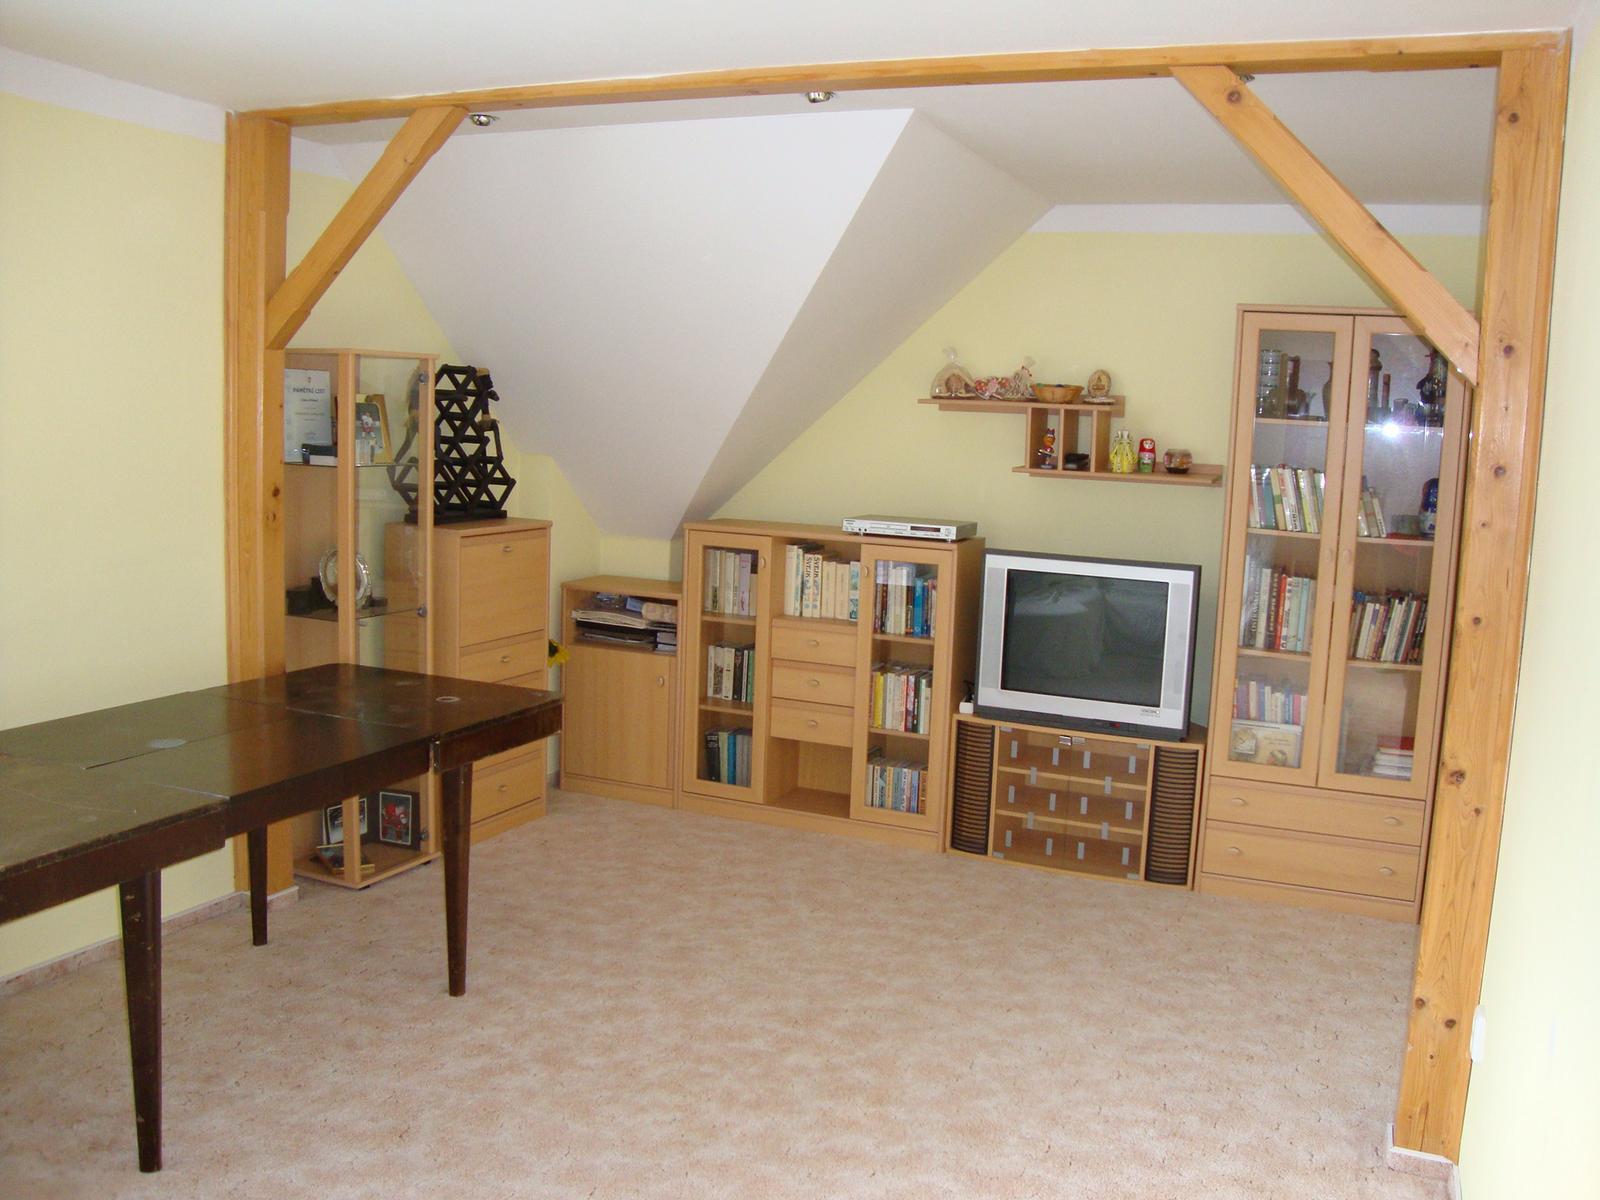 Chystáme se na rekonstrukci baráčku - Budoucí obývák, zůstanou trámy. Takže zbývá výběr barvy vinylu, aby podlaha ladila nejen k trámům, ale i ke kuchyni, dveřím a našemu jedinému kusu nábytku (gauči), který si z našeho nynějšího bytu přineseme :-)